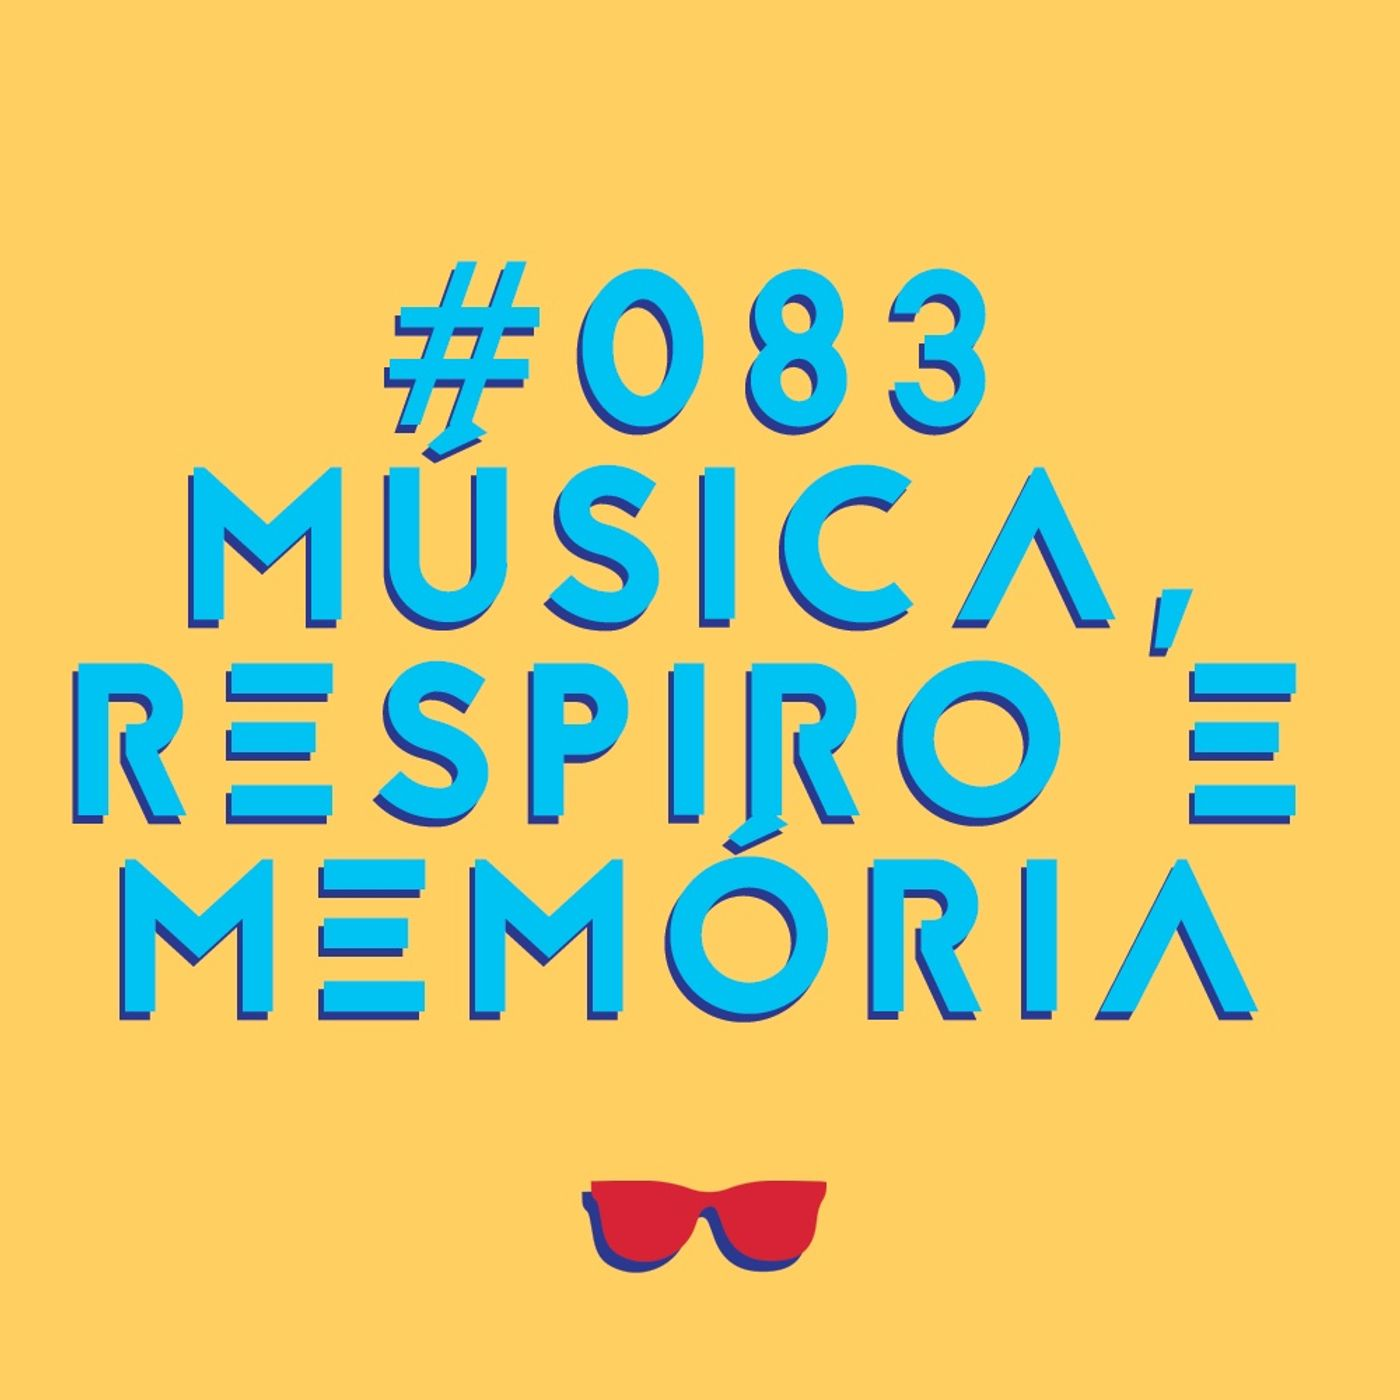 #083 - Música, respiro e memórias